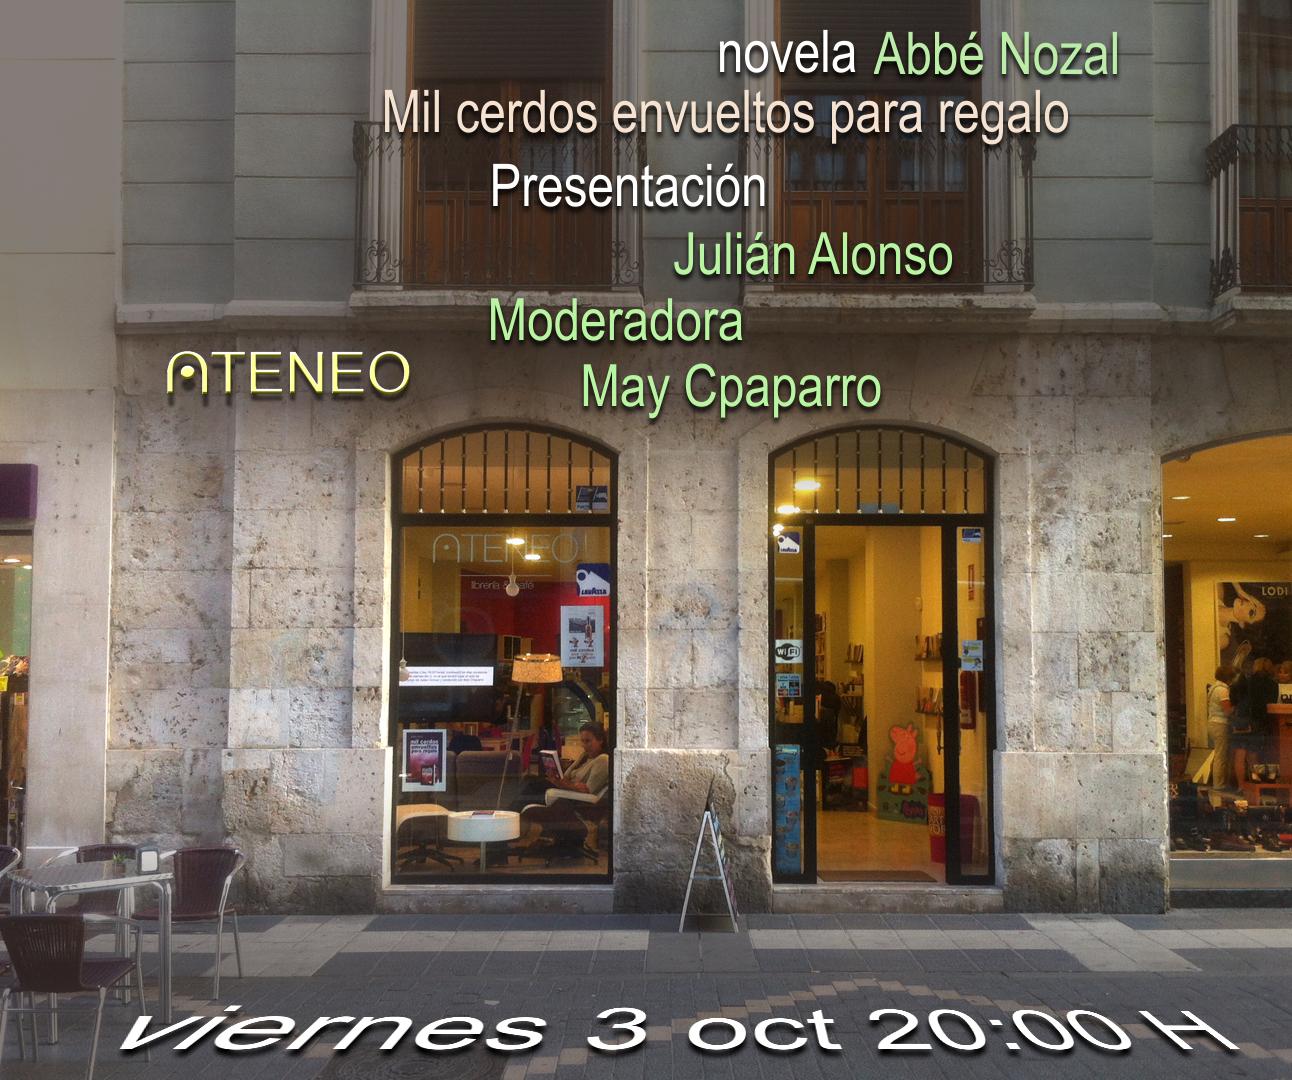 Presentación novela, 2014 Abbé Nozal